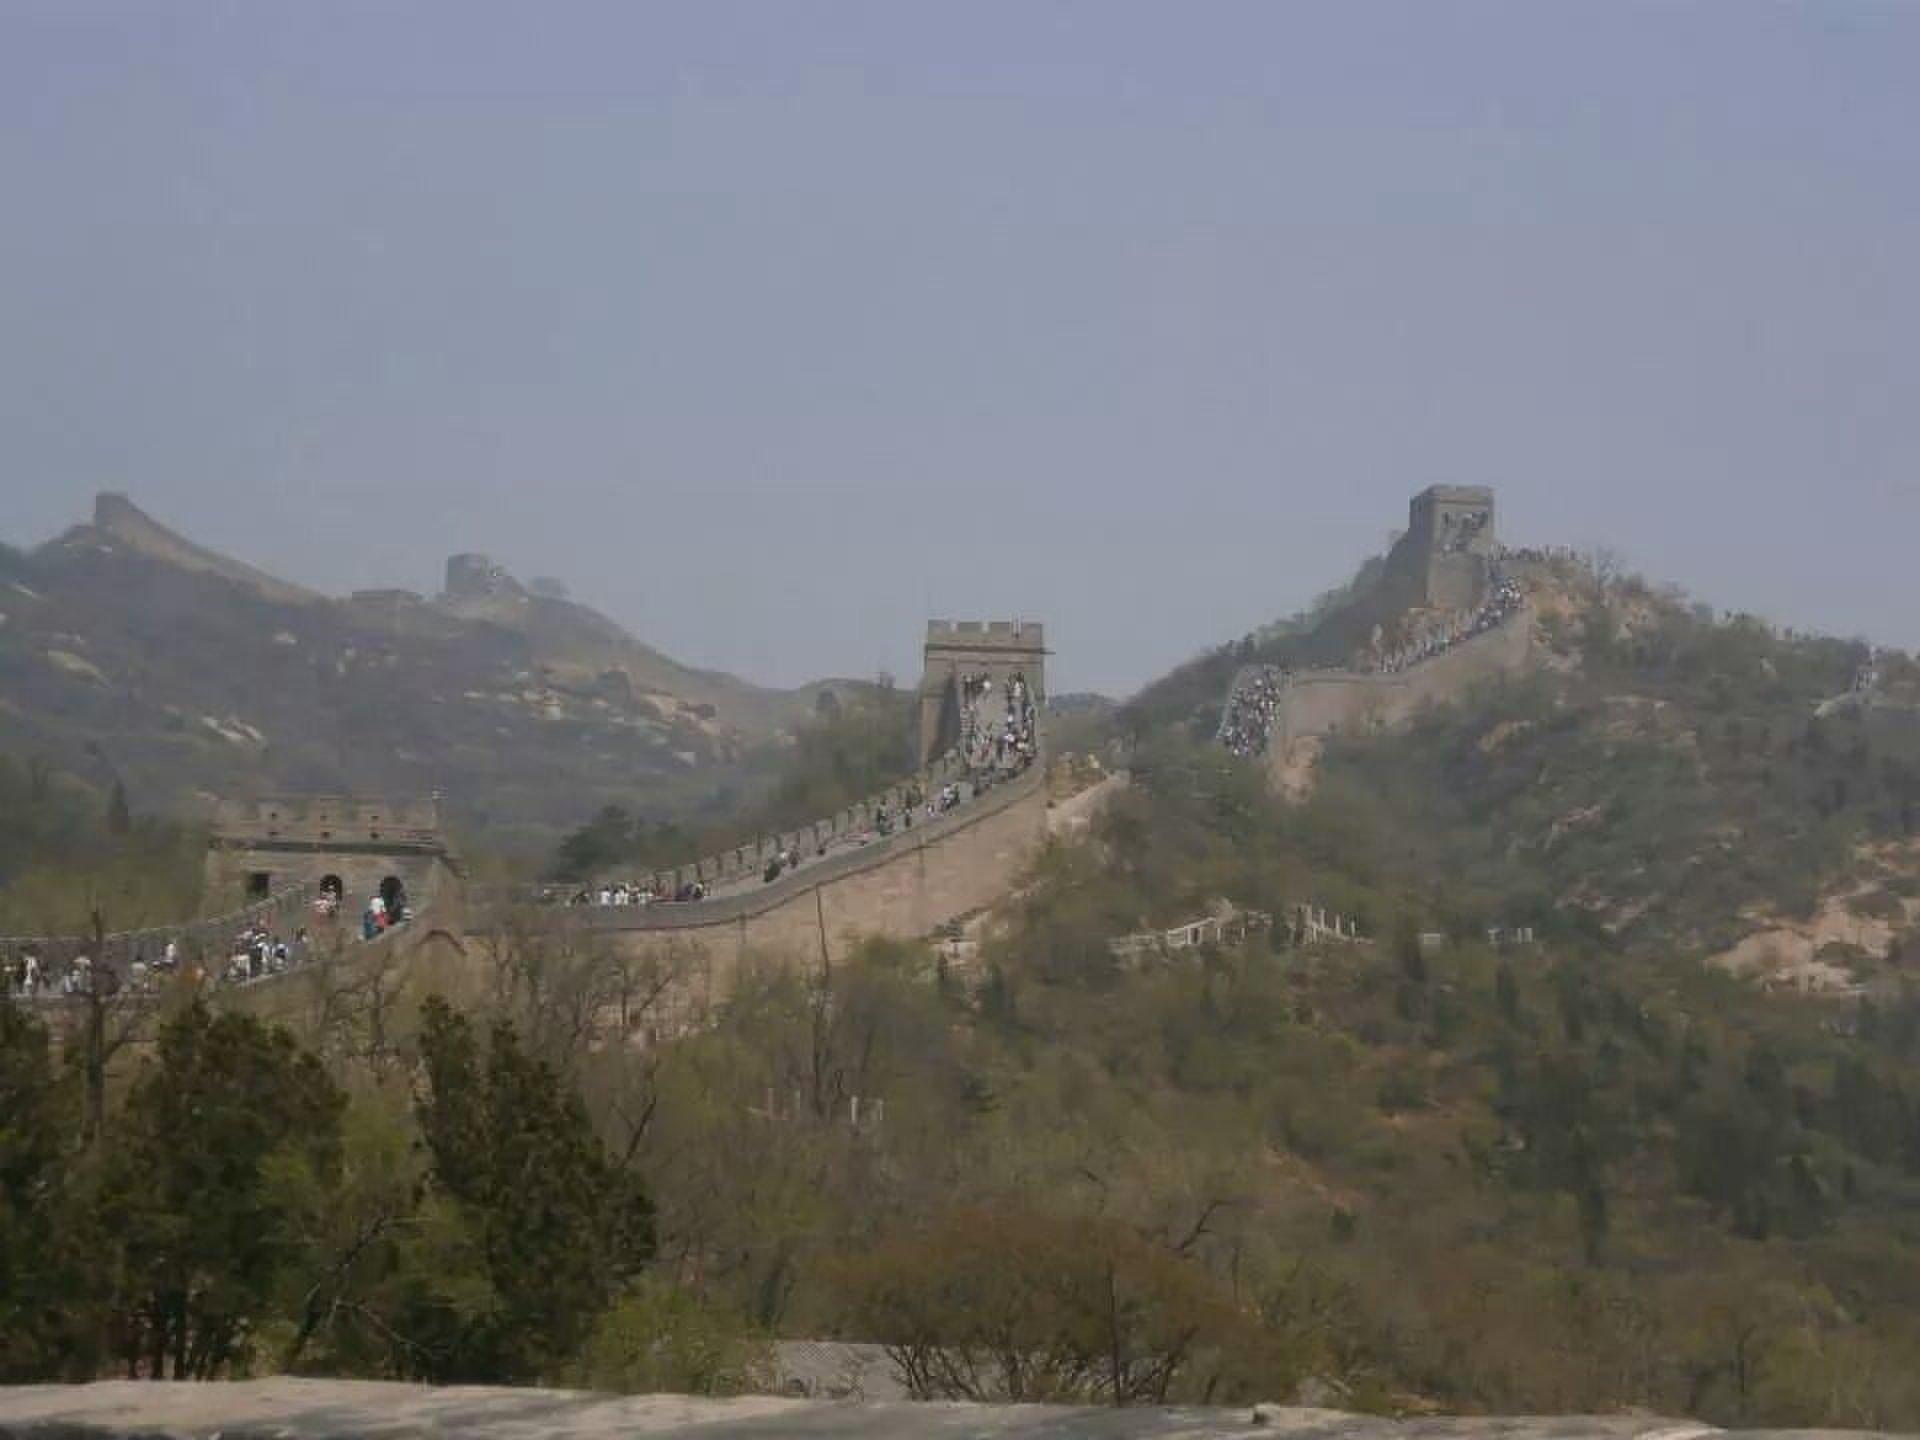 【八達嶺長城】壮大な世界遺産!万里の長城に行ってみた【中国】